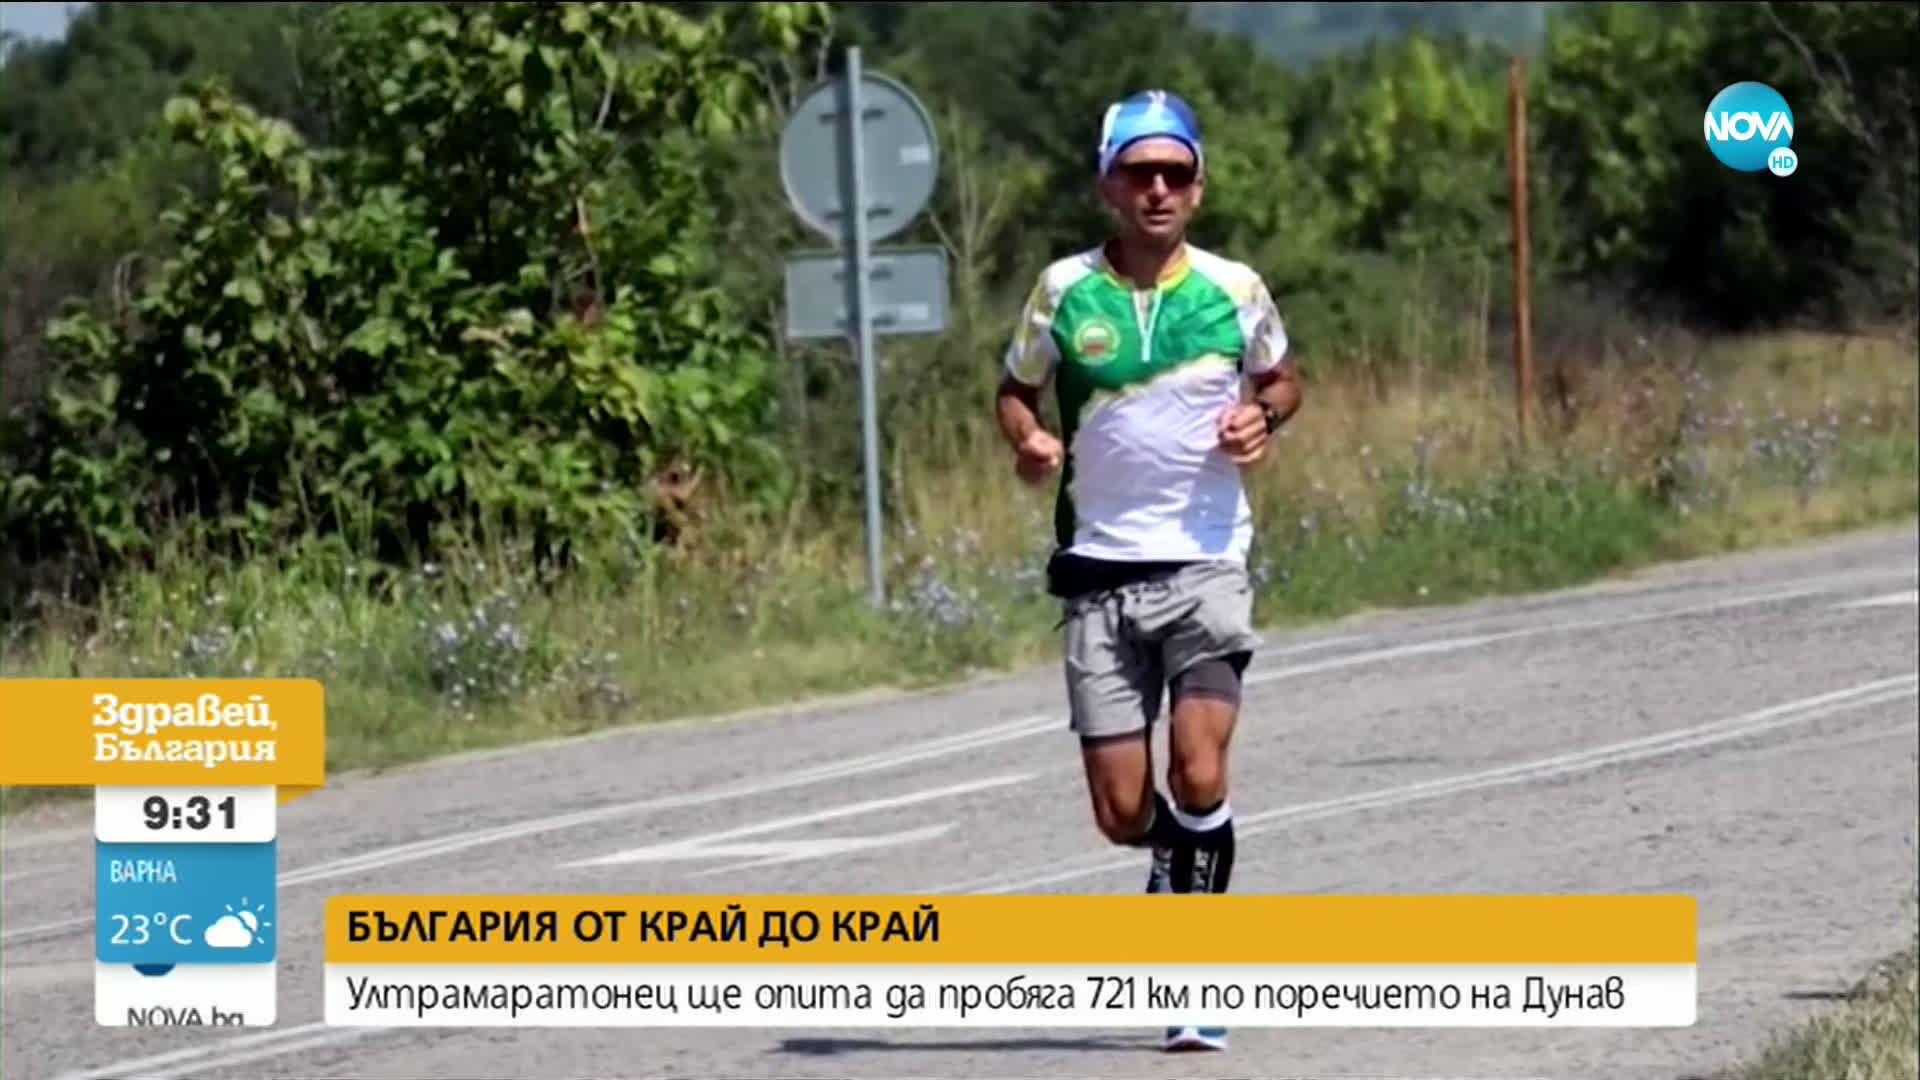 Ултрамаратонец ще опита да пробяга 721 км по поречието на Дунав